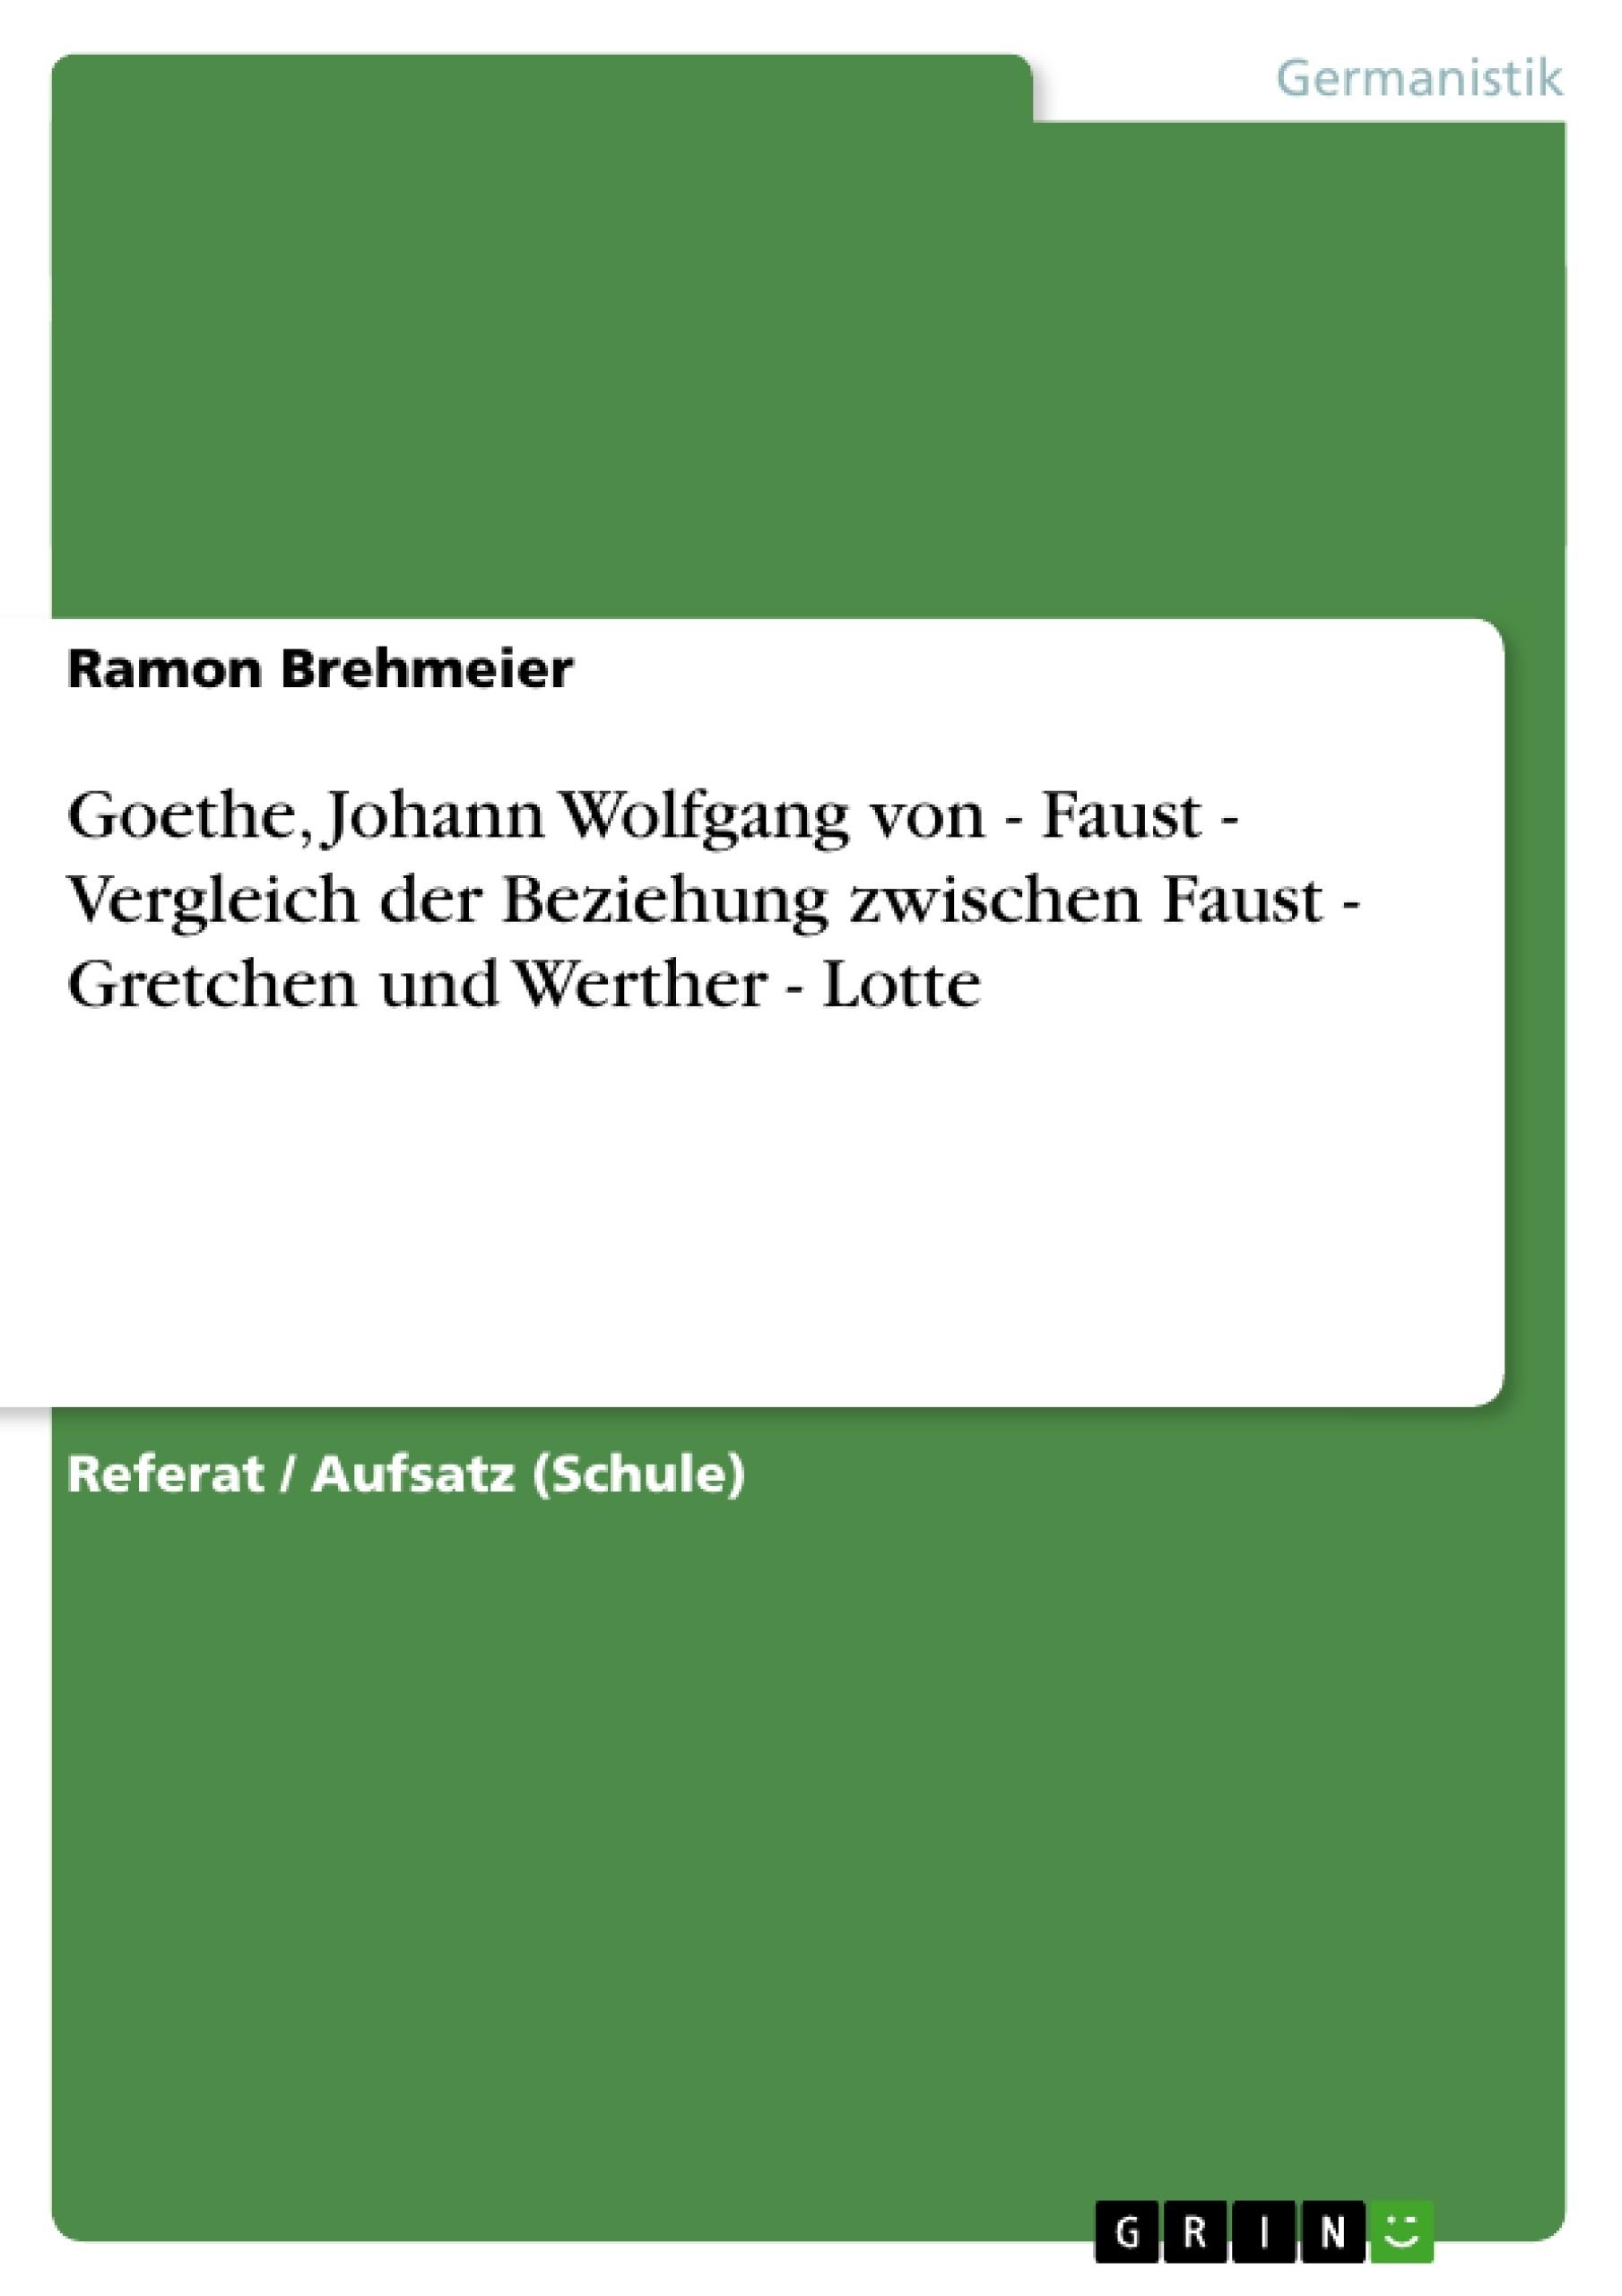 Titel: Goethe, Johann Wolfgang von - Faust - Vergleich der Beziehung zwischen Faust - Gretchen und Werther - Lotte